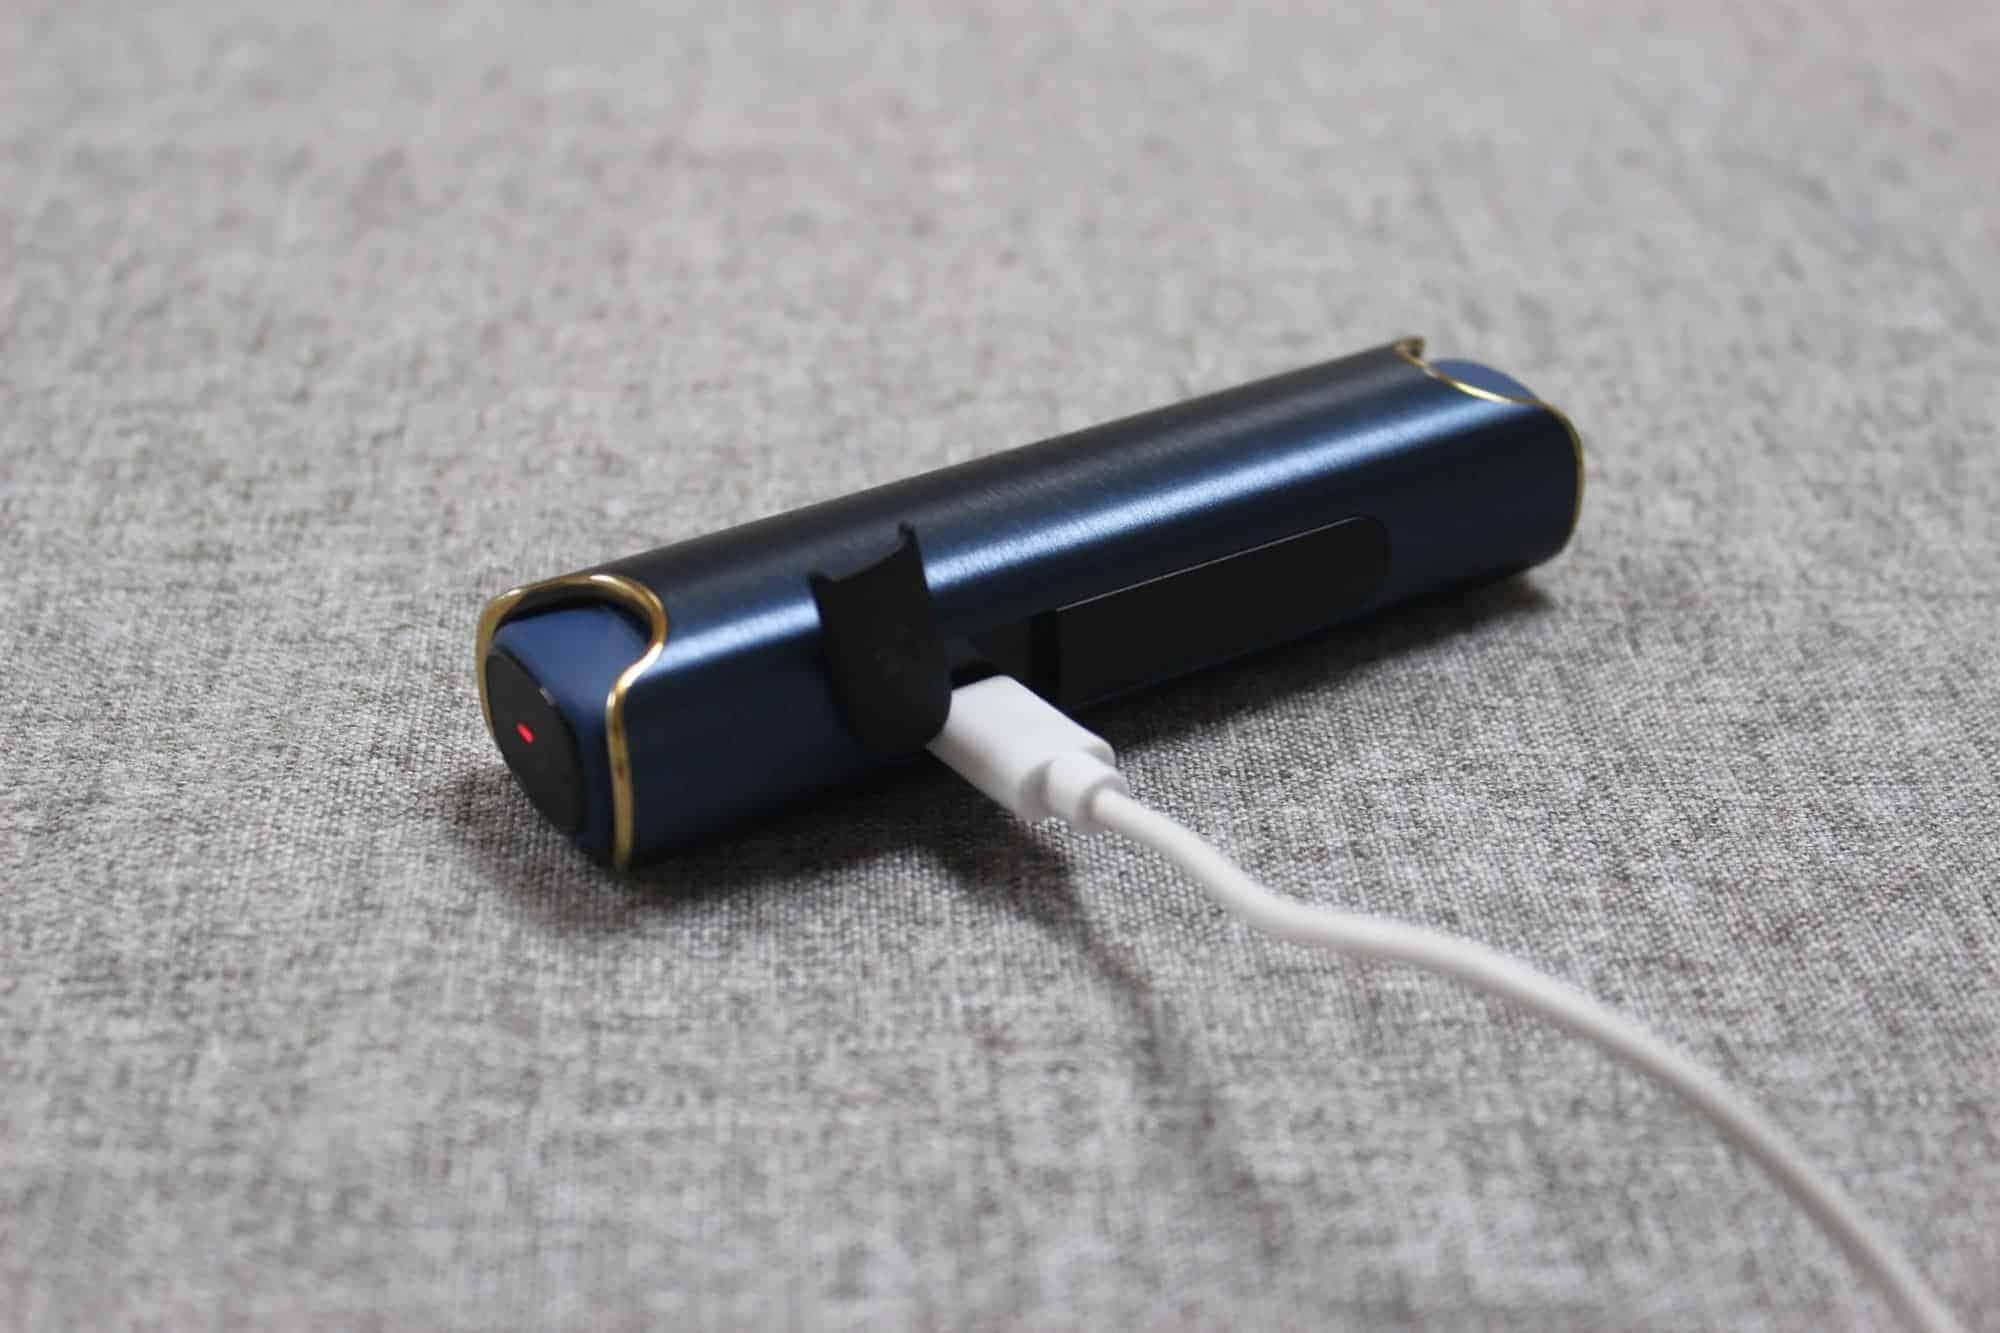 S2藍芽耳機 CP值真的高嗎?-TechTeller (科技說)